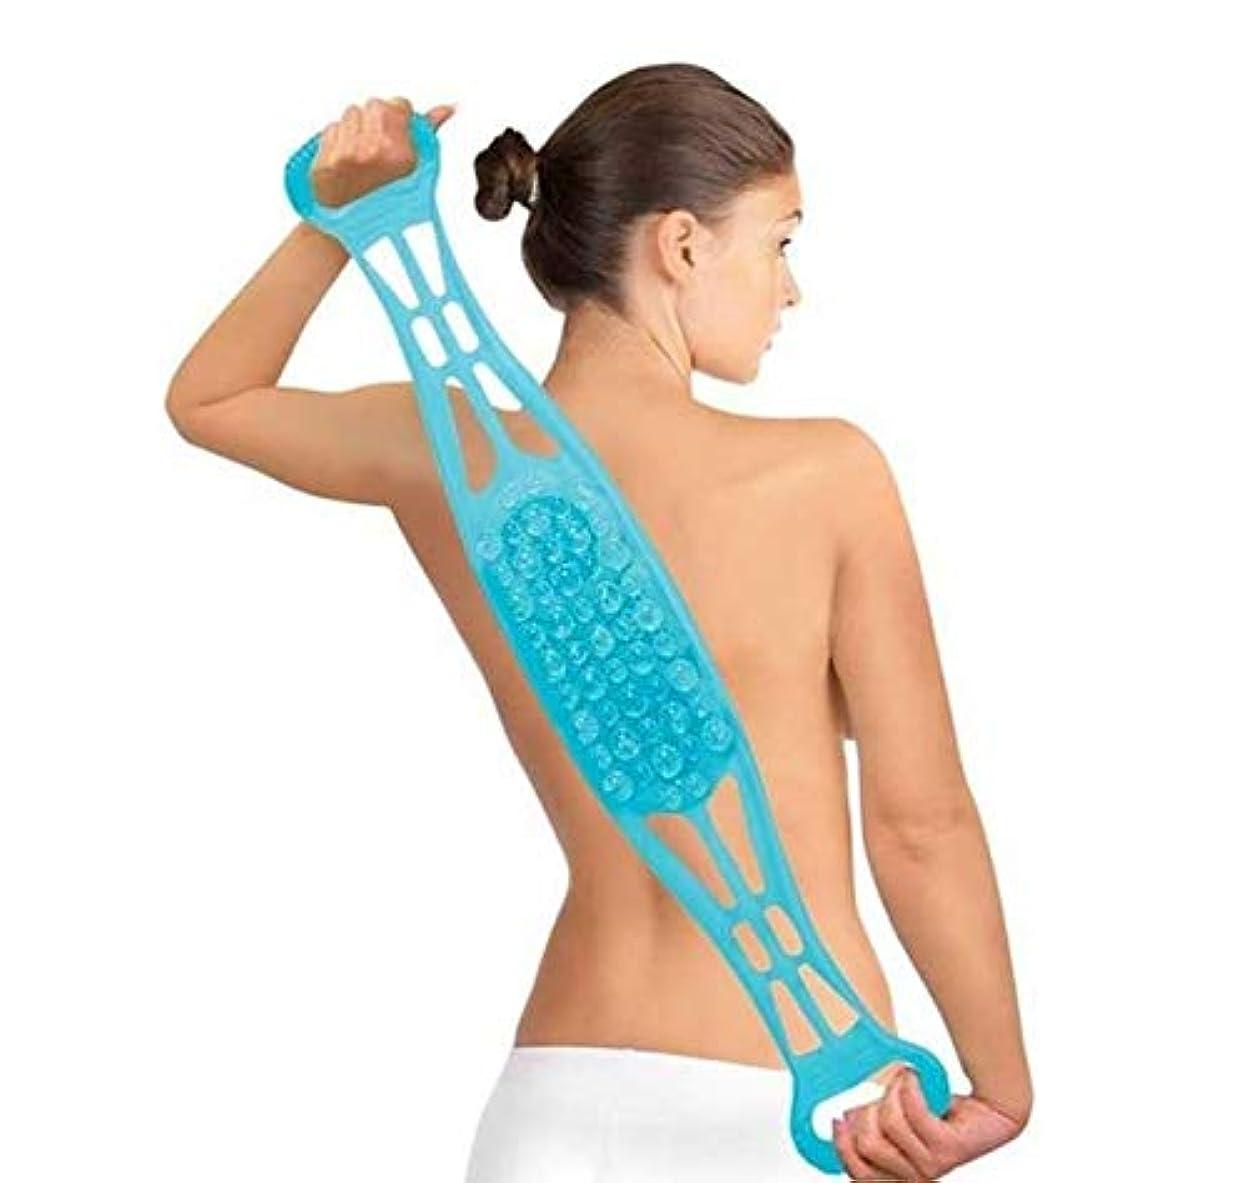 マッサージブラシ シリカゲル 両面 足洗い 背中洗い デュアルサイドバックスクラバー